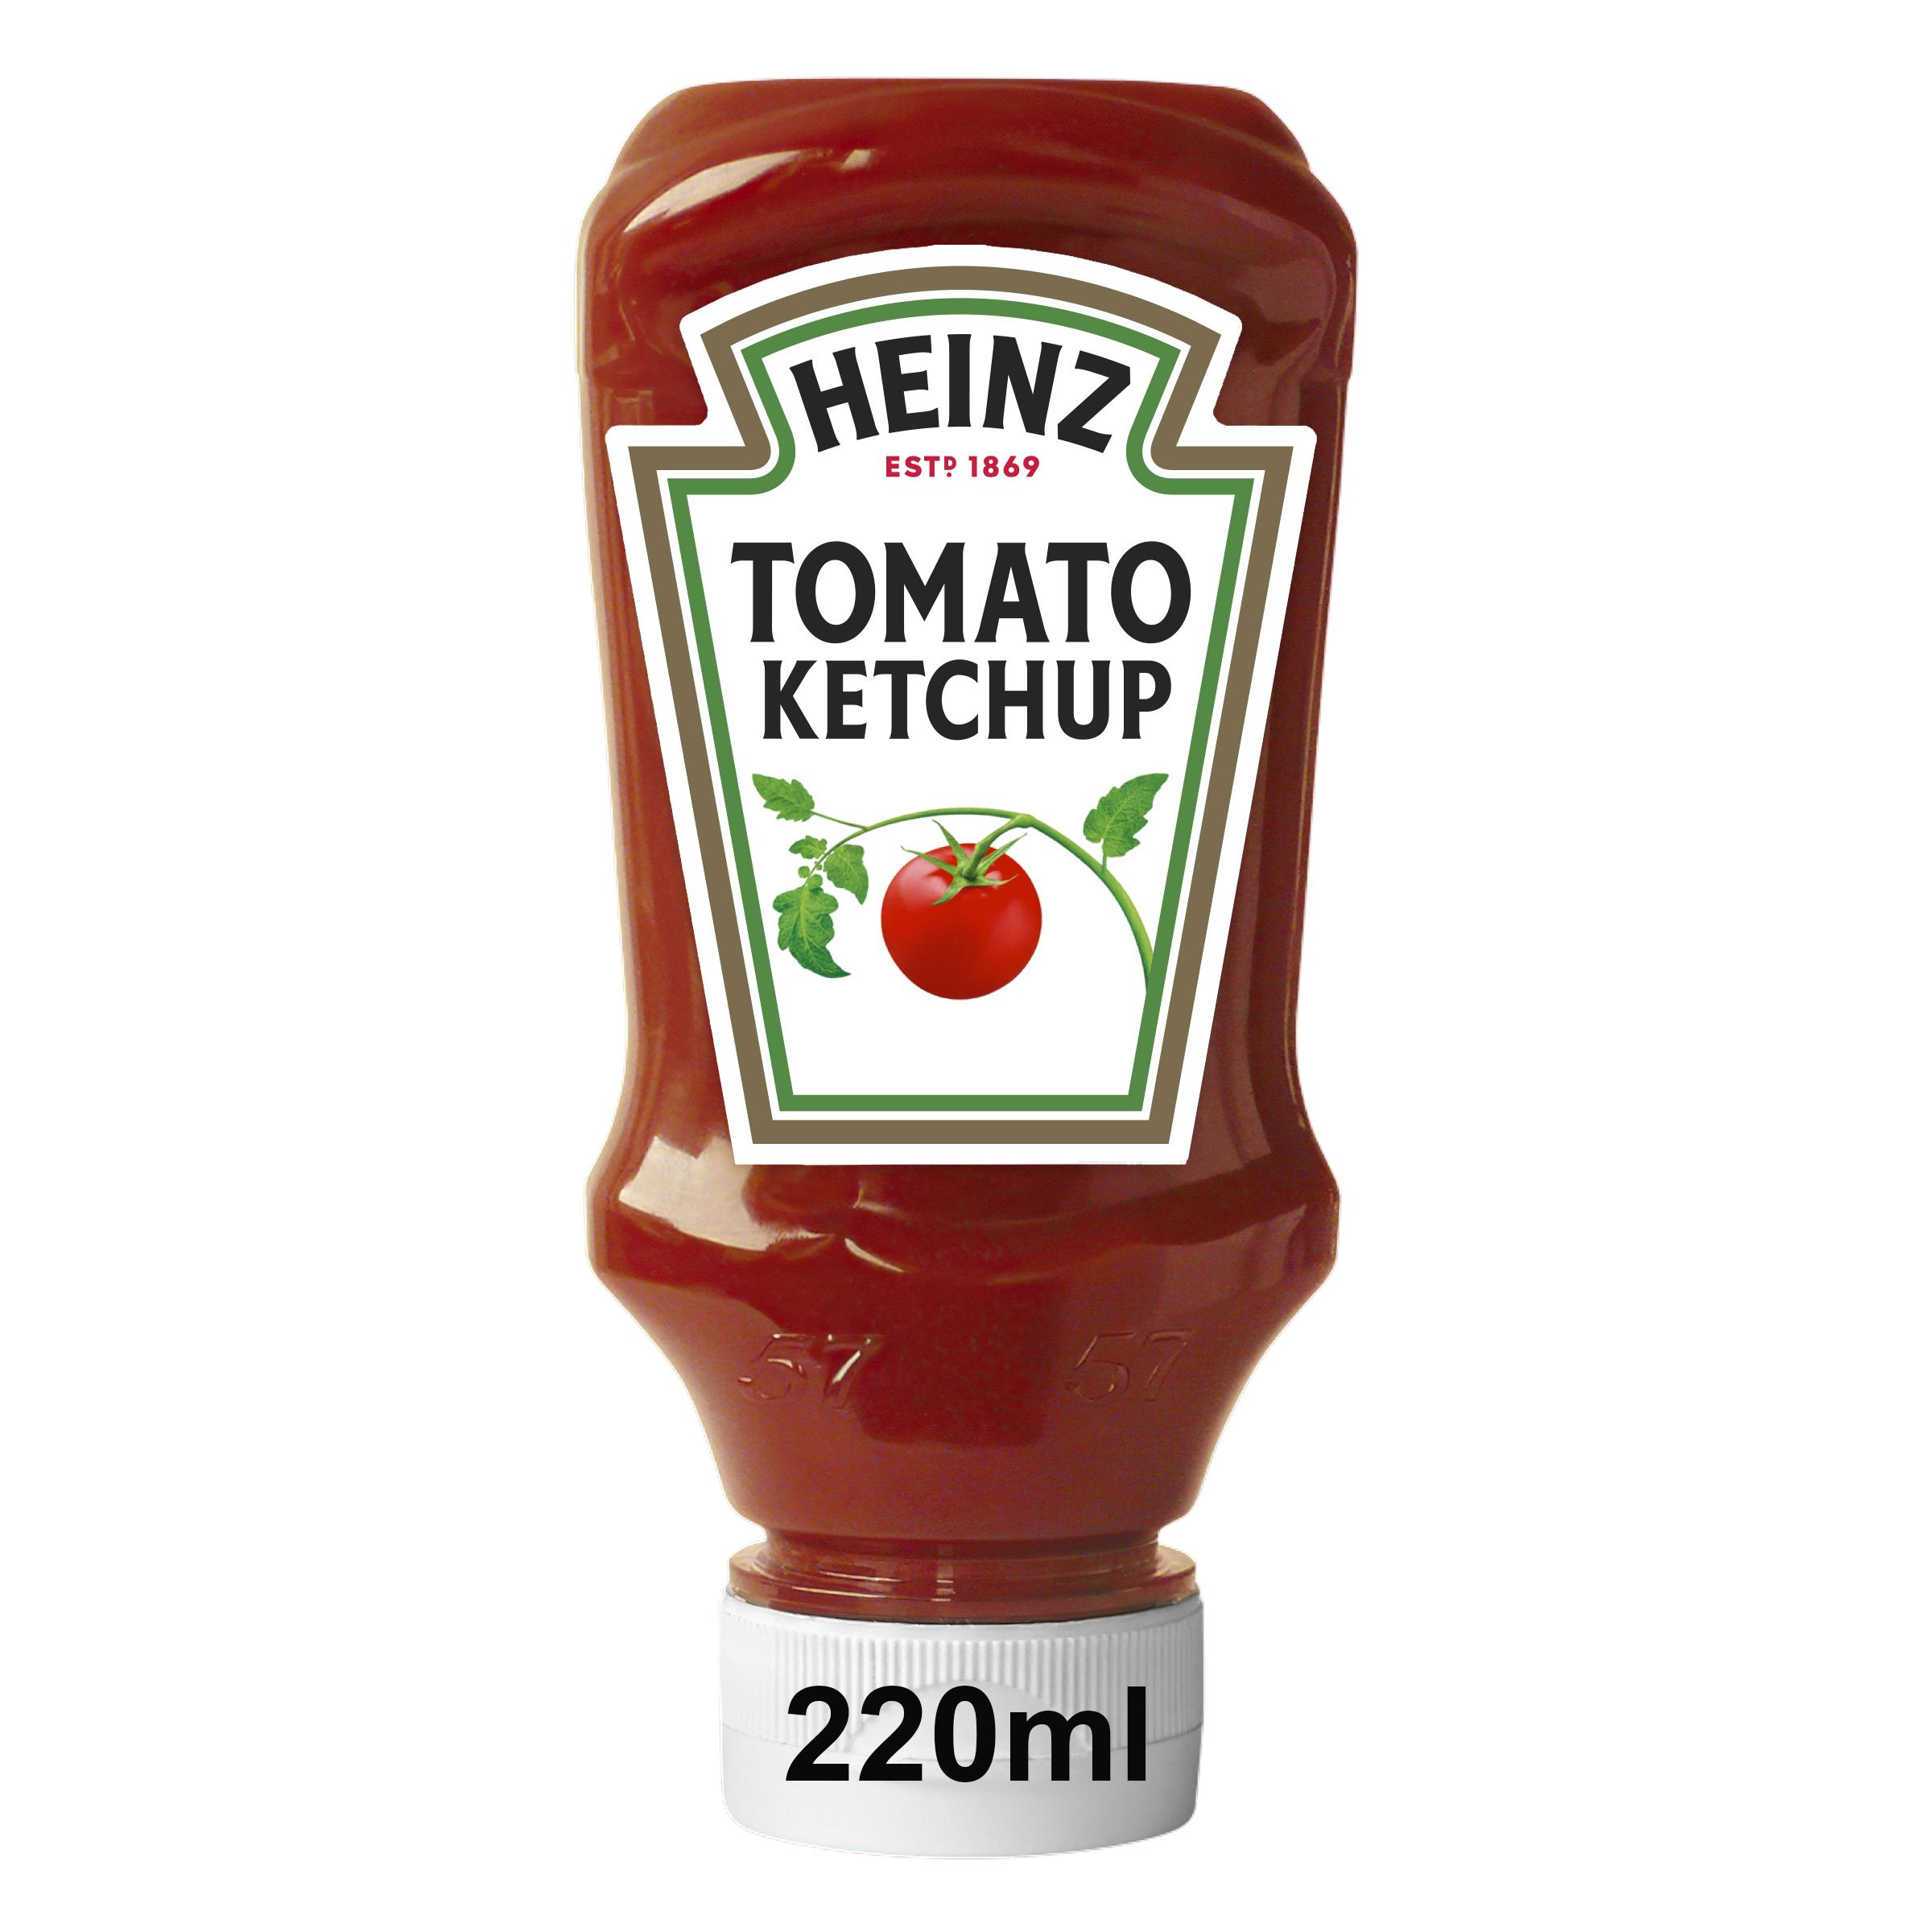 Heinz Tomato Ketchup 220ml image